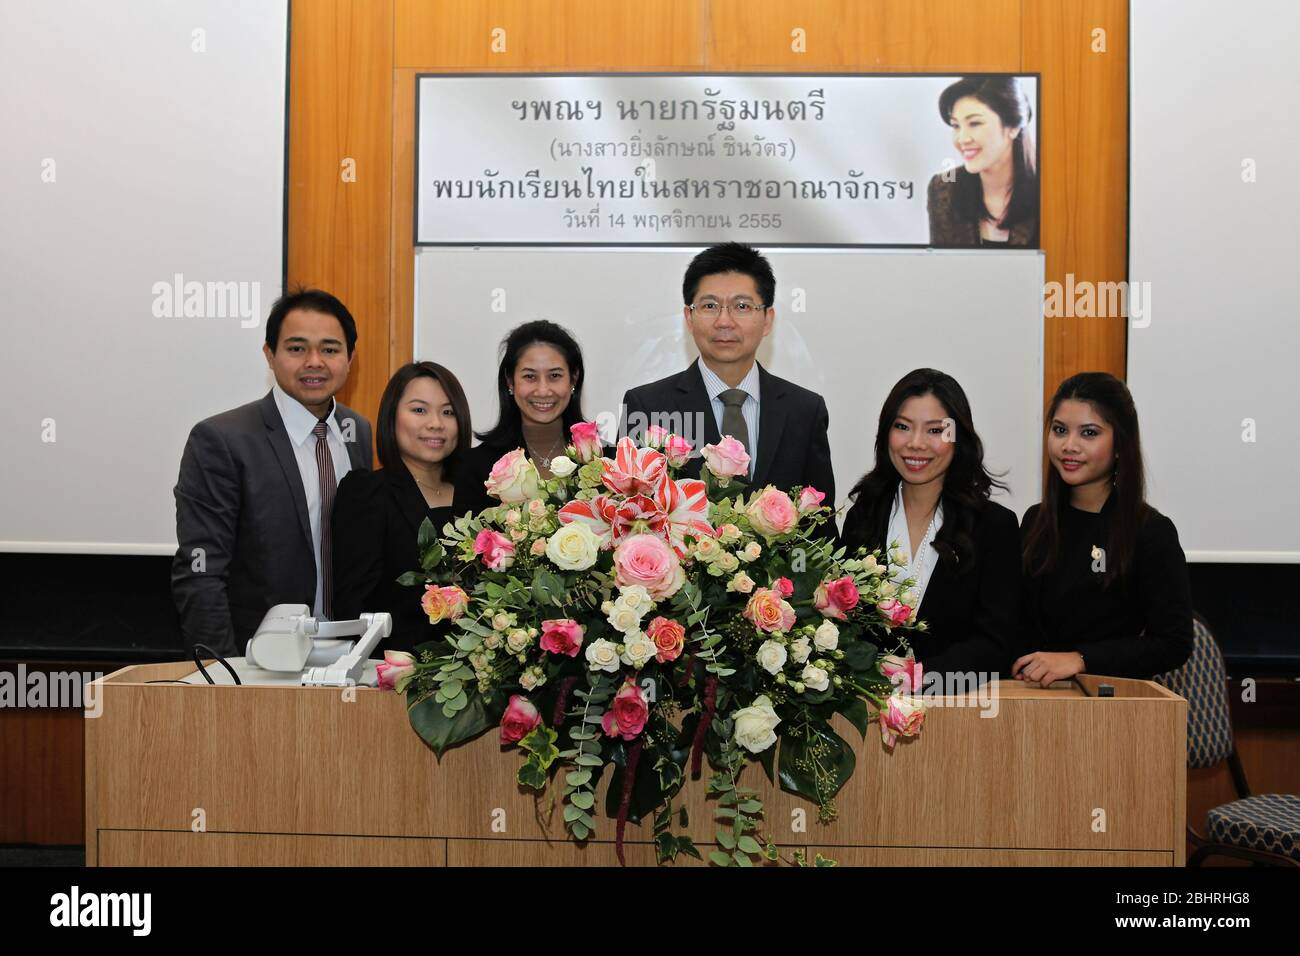 Durante noviembre de 2012 . Su Excelencia la Sra. Yingluck Shinawatra , primera Ministra del Reino de Tailandia , visitó oficialmente la United Kigdom . invitada por el primer Ministro David Cameron . la Asamblea de Tailandia estuvo acompañada por miembros clave del Gabinete de Tailandia . El 13 de noviembre, el PM tailandés tuvo una audiencia con la Reina . El 14 de noviembre, las dos PM intercambiaron puntos de vista sobre diversos asuntos de interés mutuo, bilateralmente, regionalmente y globalmente. Al final de esta reunión , ambos dirigentes han acordado el establecimiento de un diálogo estratégico y un nuevo mecanismo beneficioso para ambos países .. Foto de stock